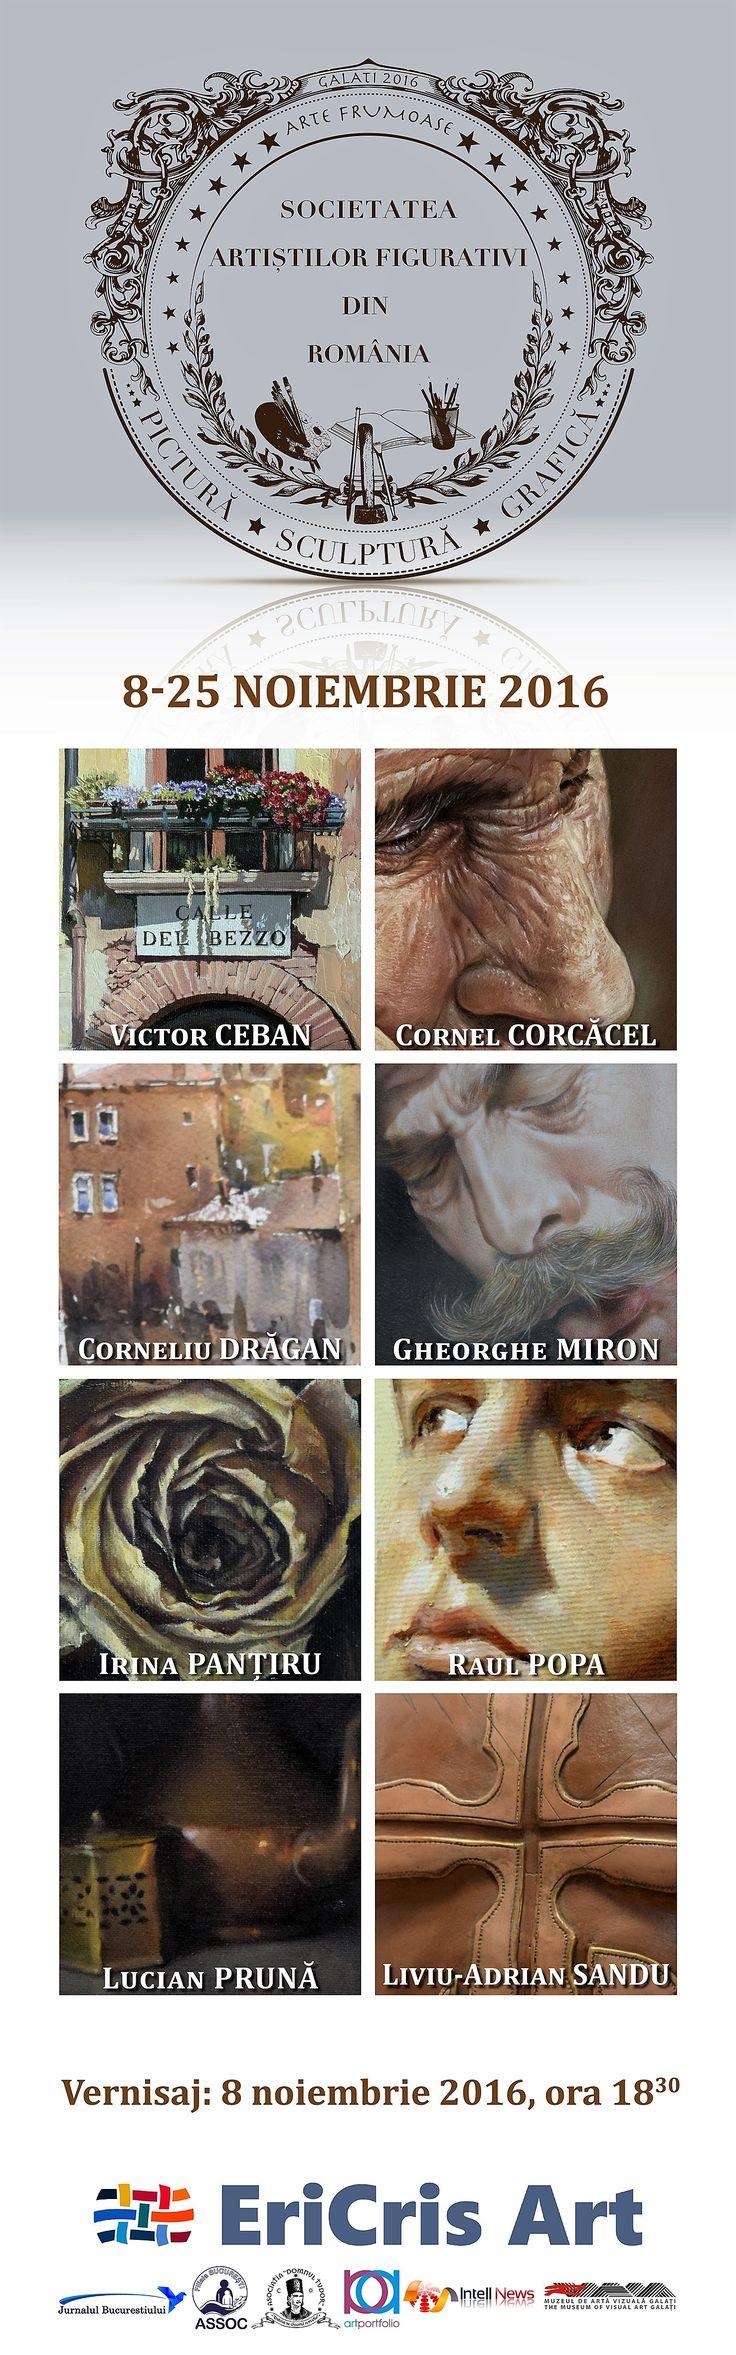 Galeria EriCris Art,  expoziție de grup :  pictură, sculptură și grafică - http://www.intellnews.ro/galeria-ericris-art-expozitie-de-grup-pictura-sculptura-si-grafica/